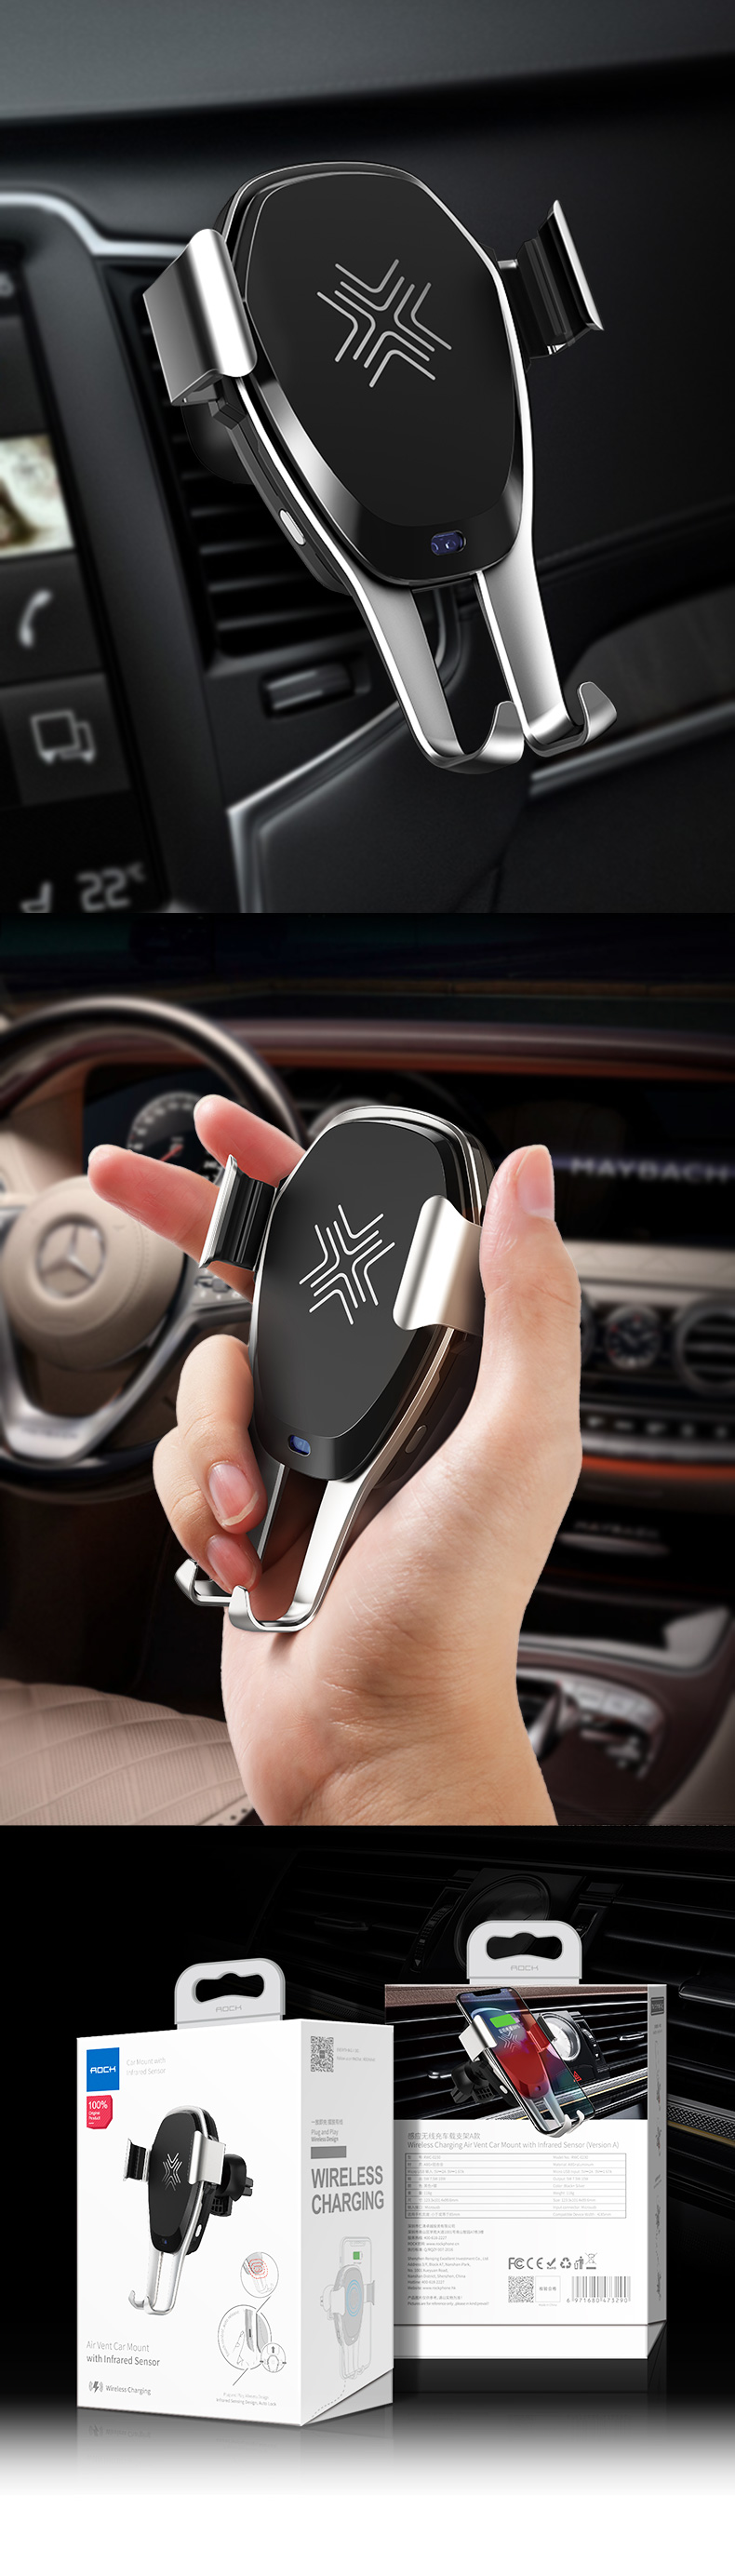 차량용 AI 오토센서 고속 무선 충전기 거치대 - 라이프 트렌드, 39,800원, 자동차용품, 기타용품